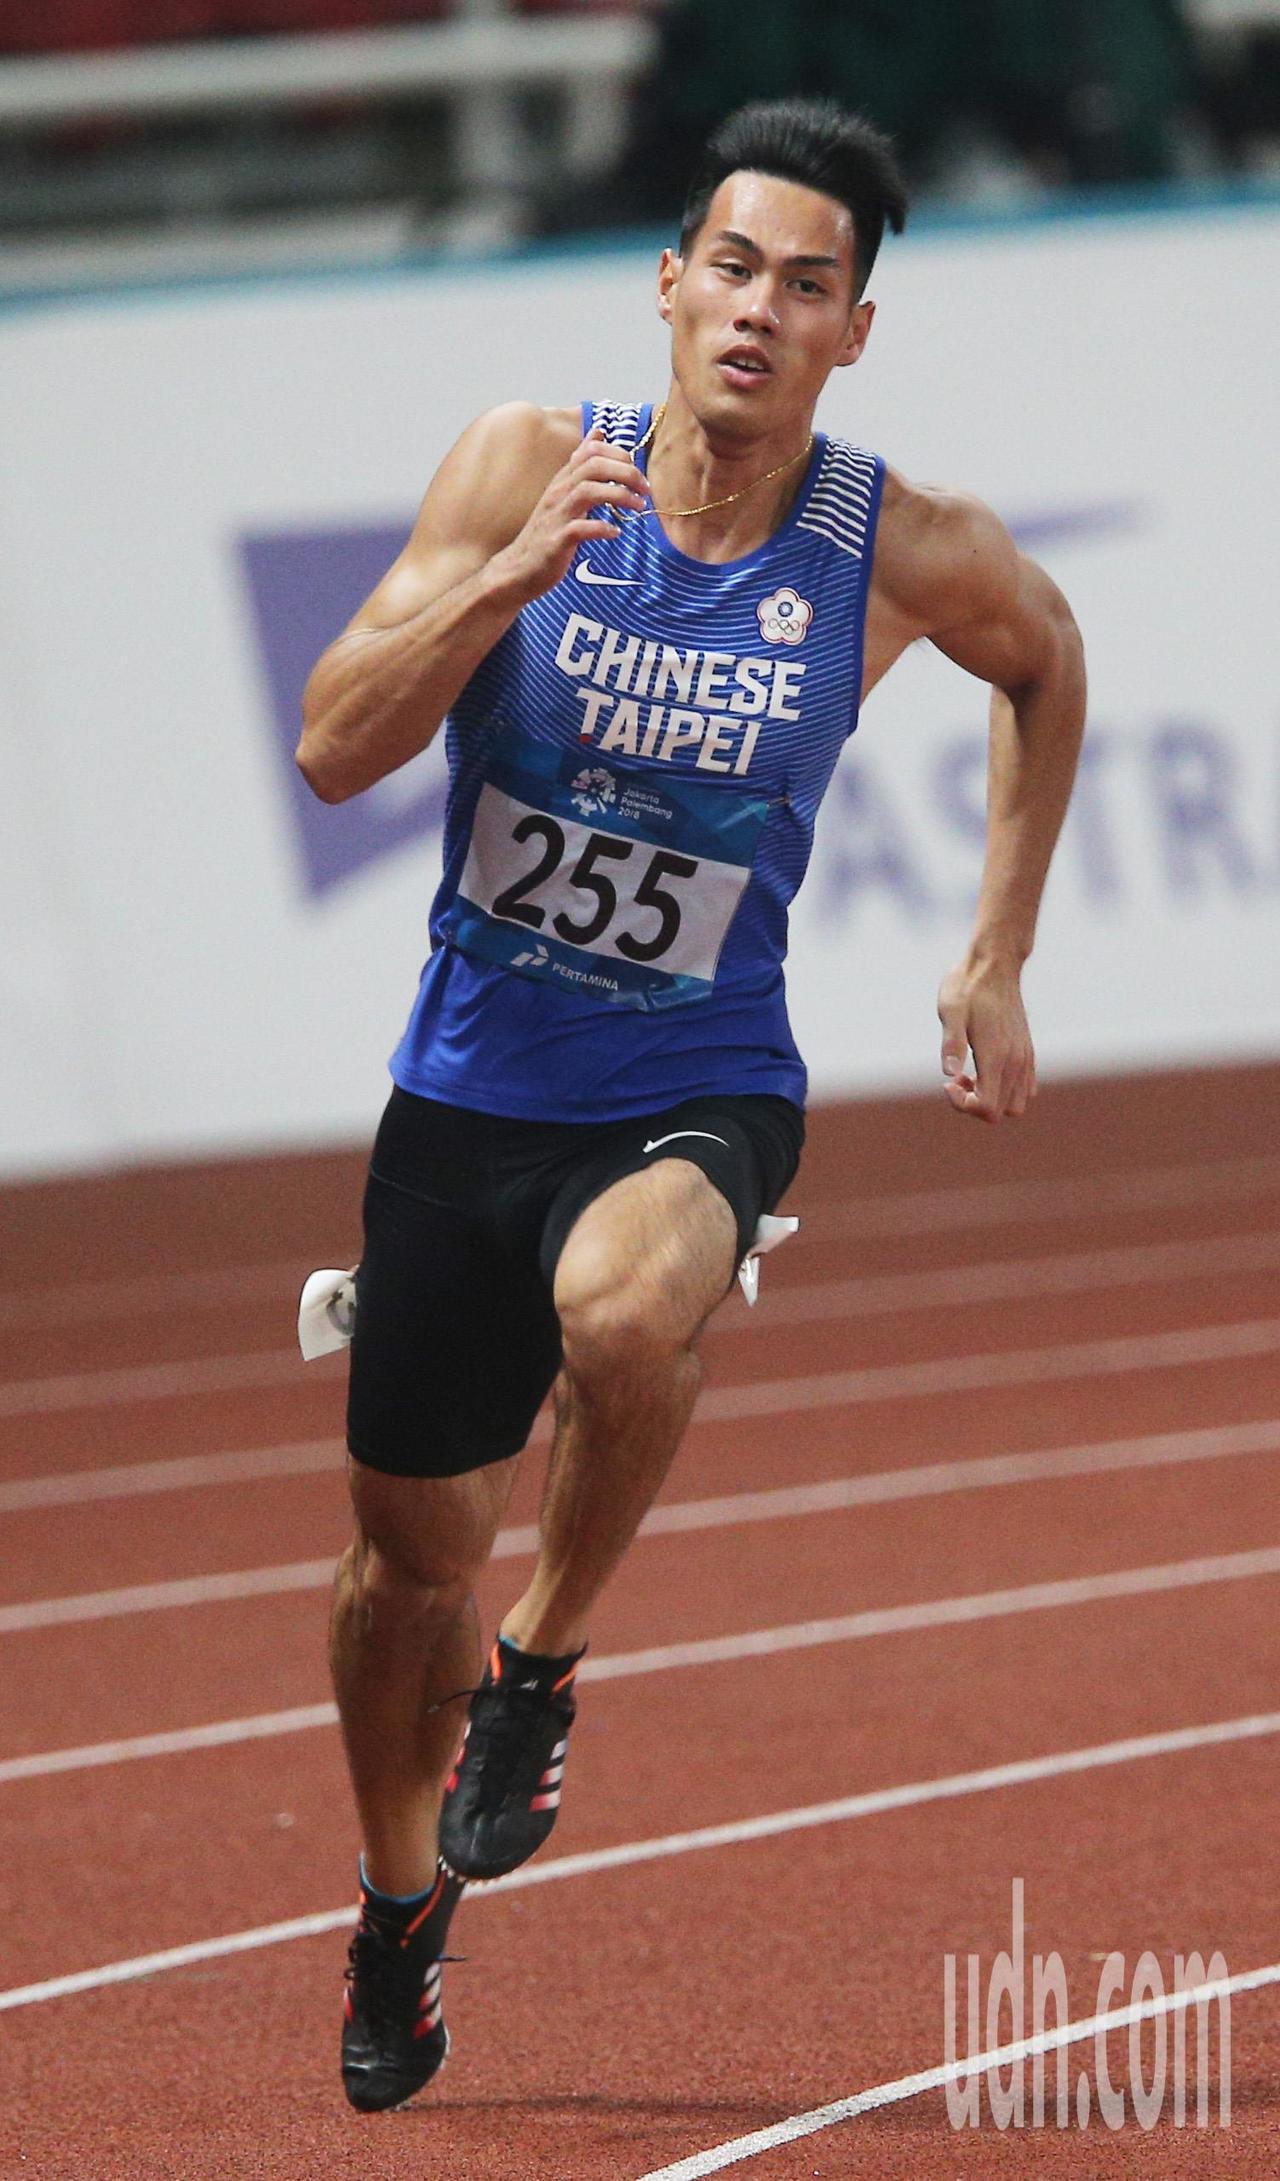 亞運男子200公尺準決賽,楊俊瀚出賽。特派記者陳正興/雅加達攝影